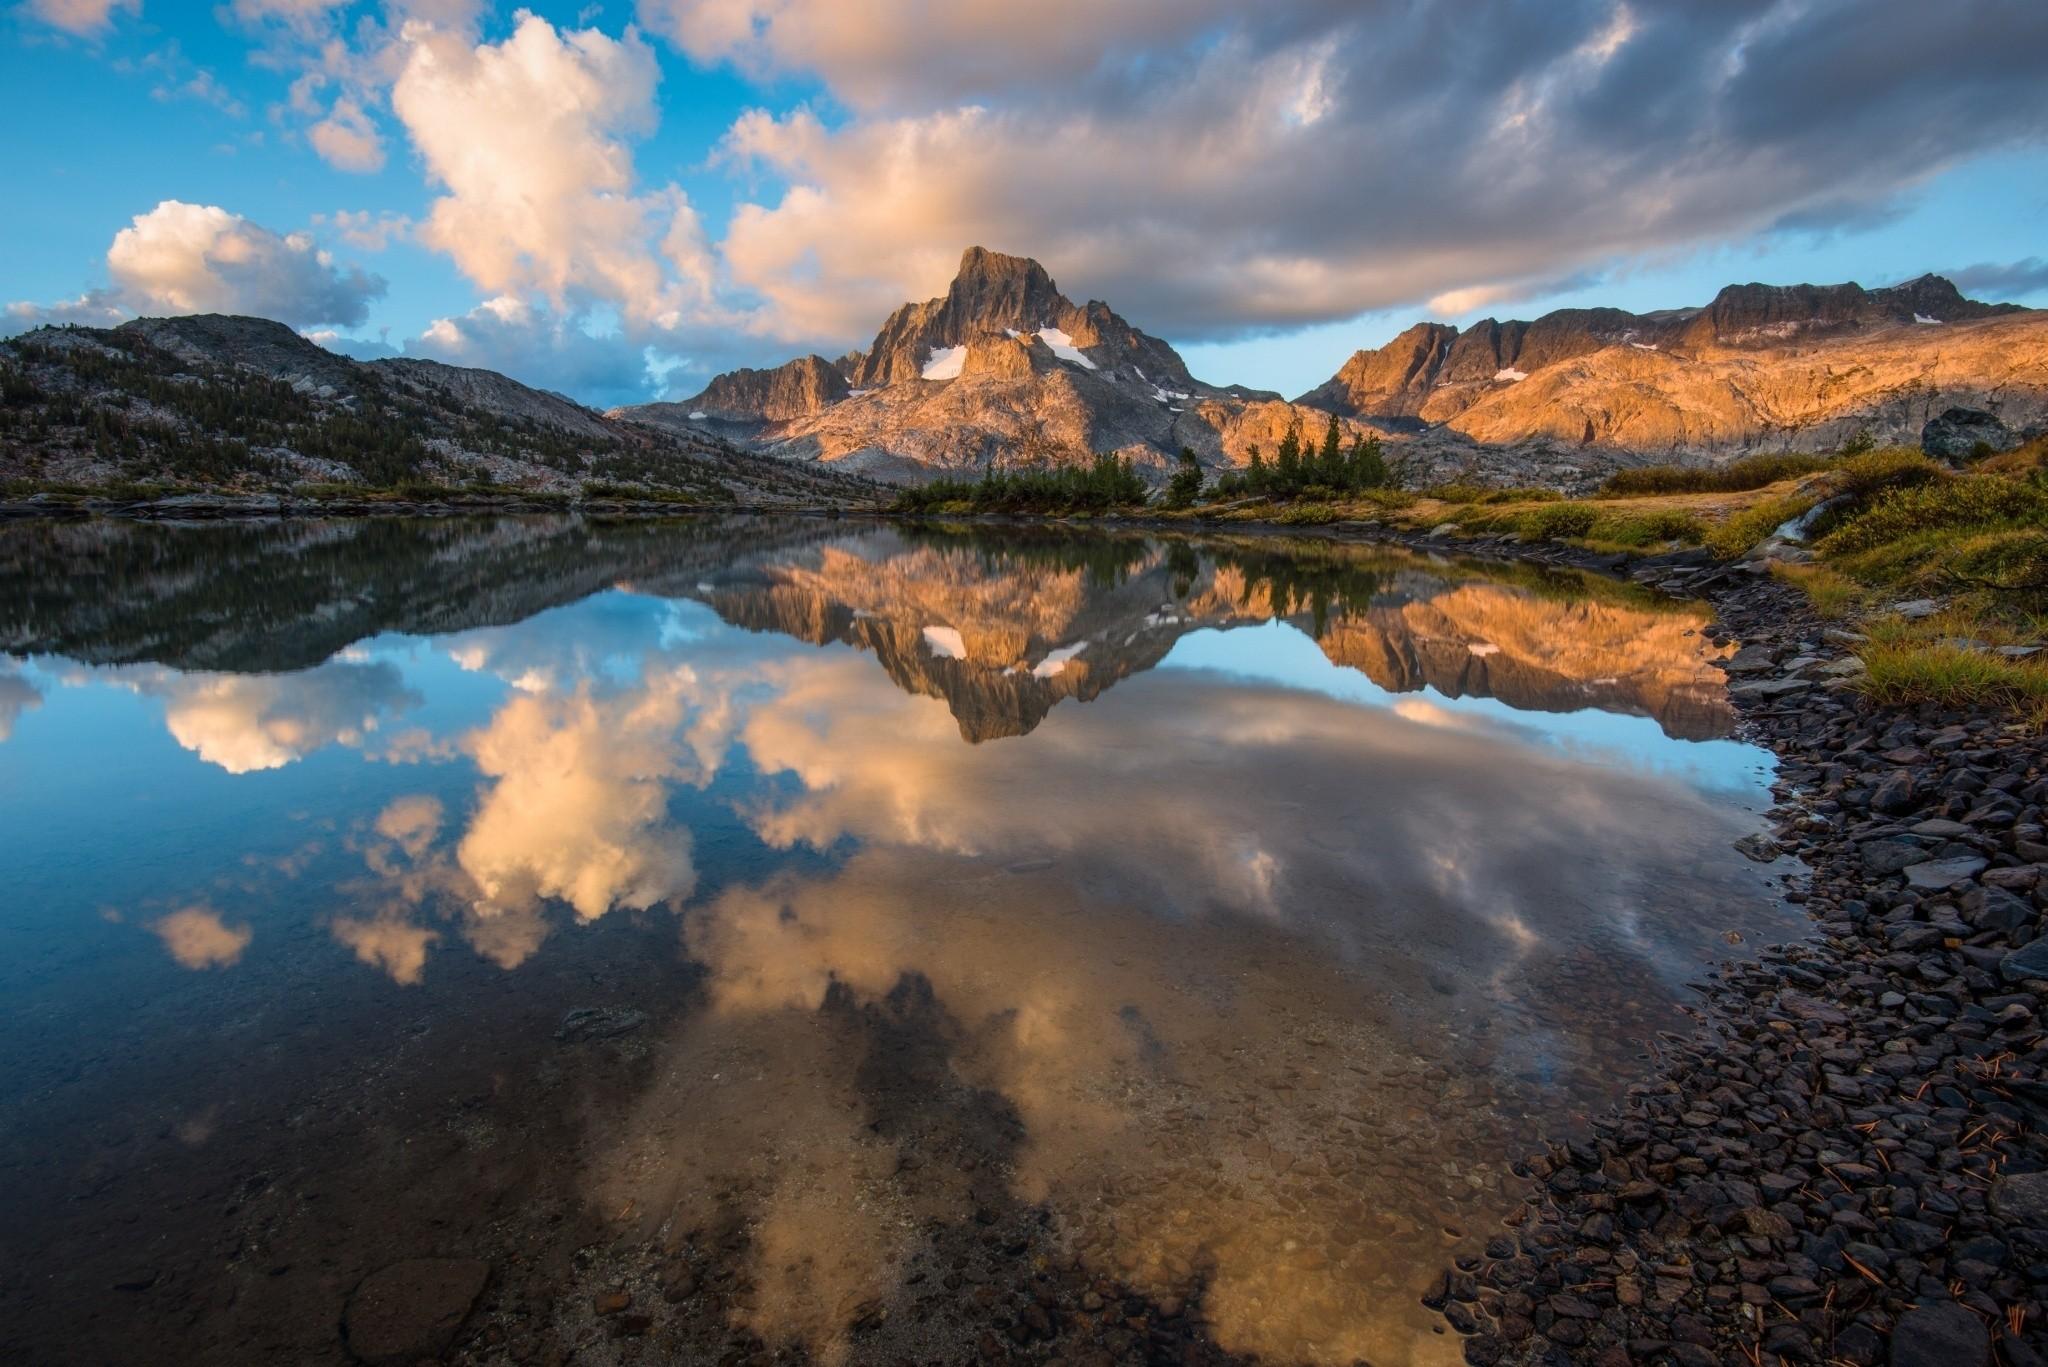 138372 Hintergrundbild 1024x600 kostenlos auf deinem Handy, lade Bilder Natur, Stones, Sky, Mountains, See, Reflexion 1024x600 auf dein Handy herunter